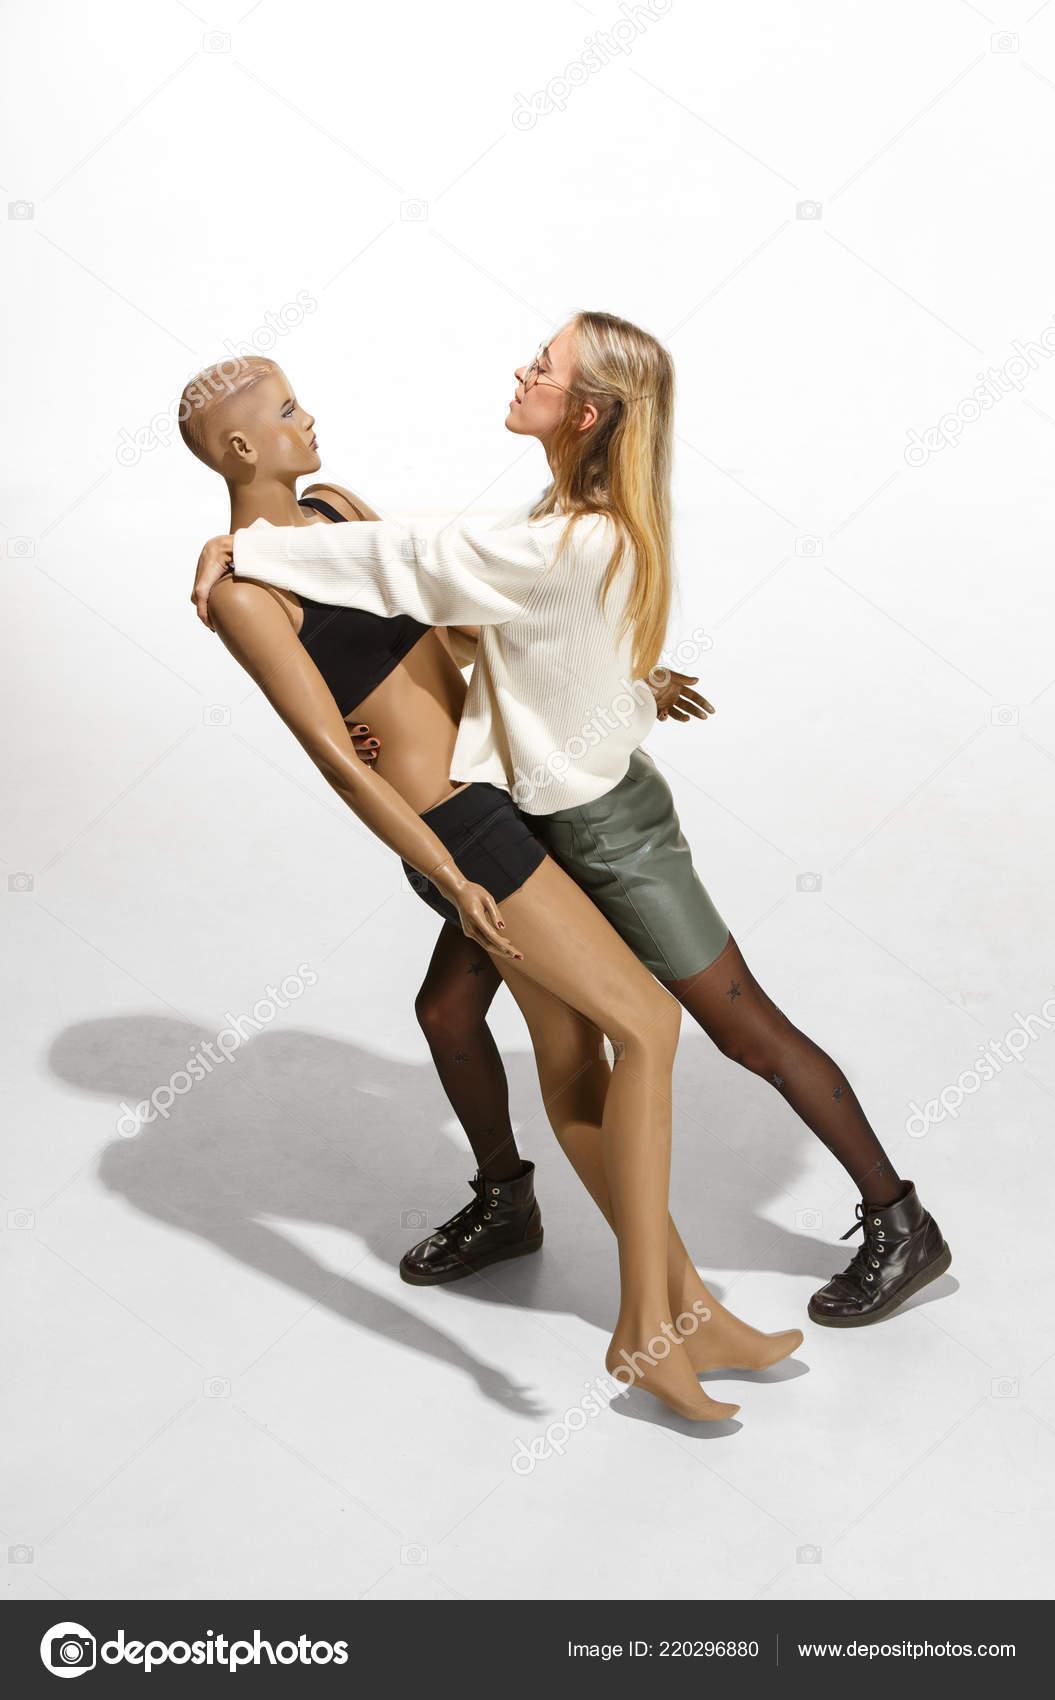 Беркова ласки женского тела фото штангист женщин